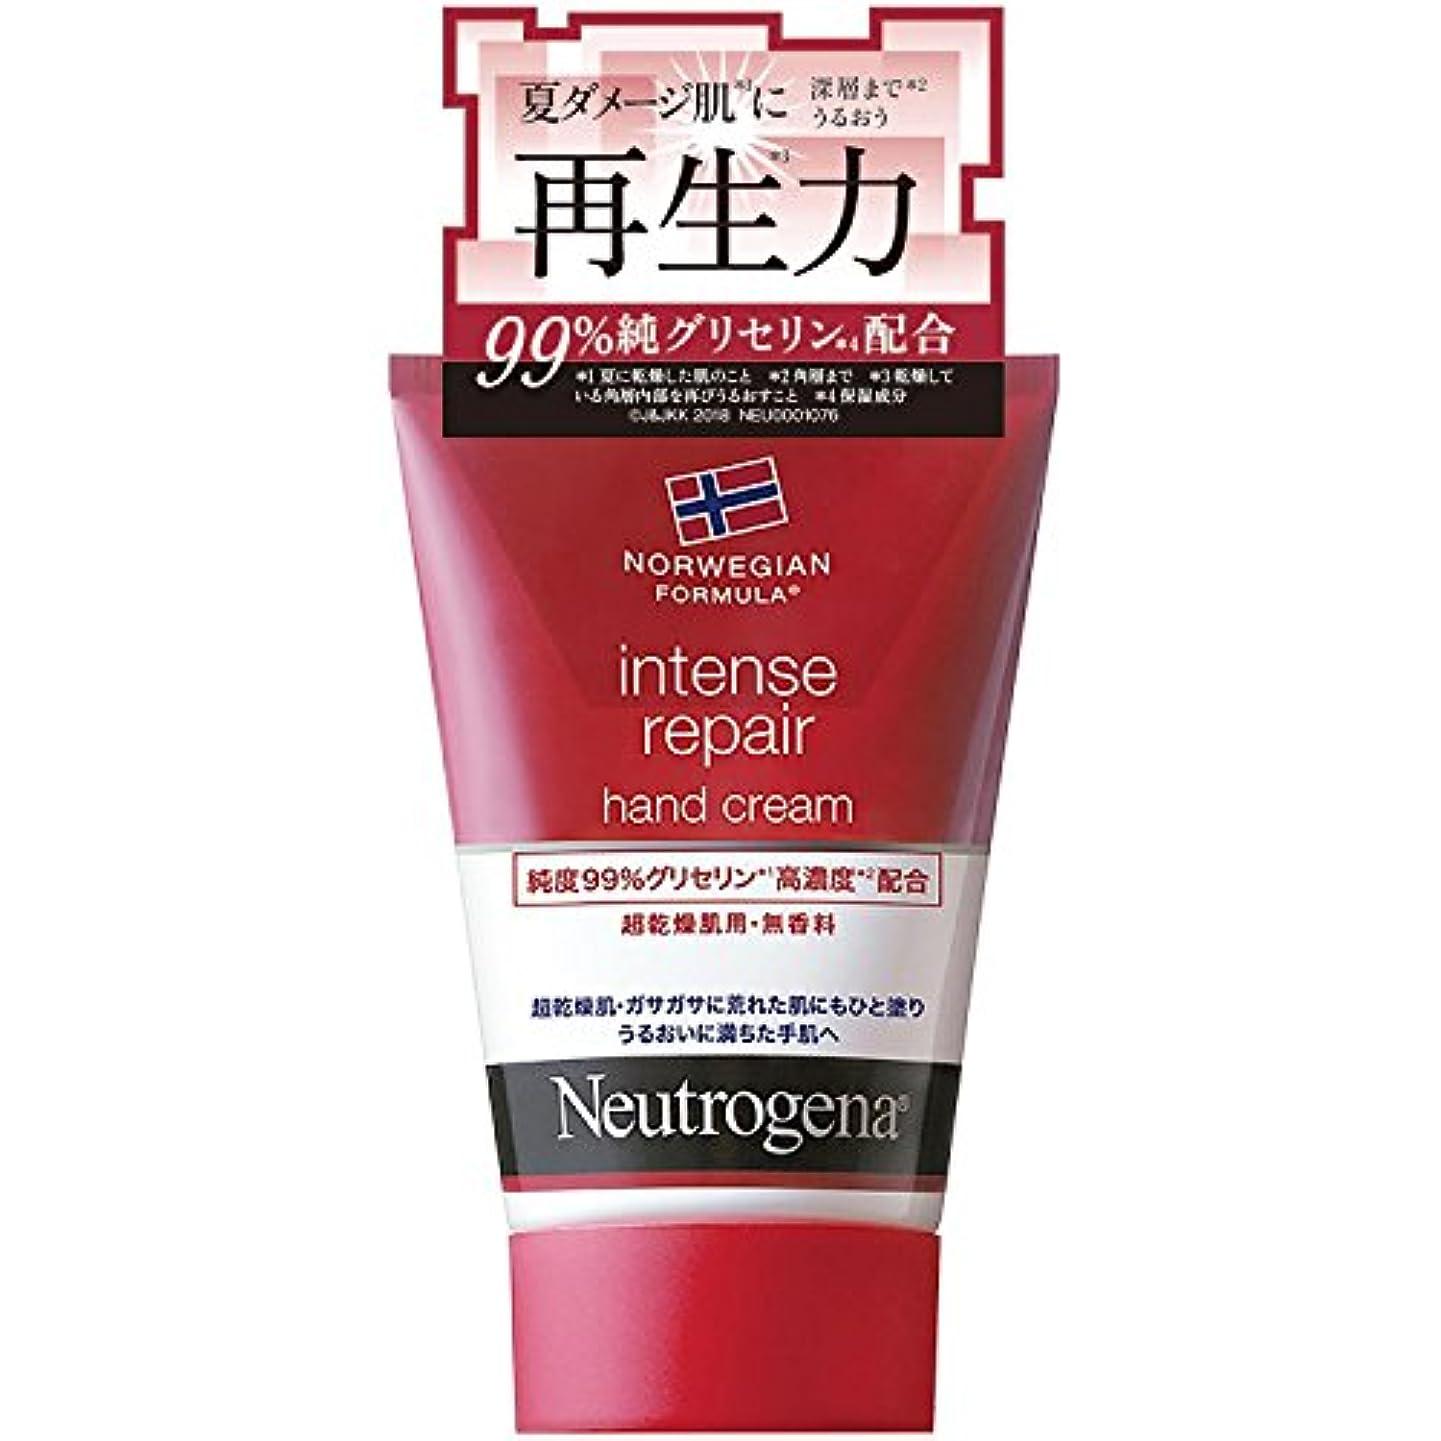 異形後継分岐するNeutrogena(ニュートロジーナ) ノルウェーフォーミュラ インテンスリペア ハンドクリーム 超乾燥肌用 無香料 単品 50g